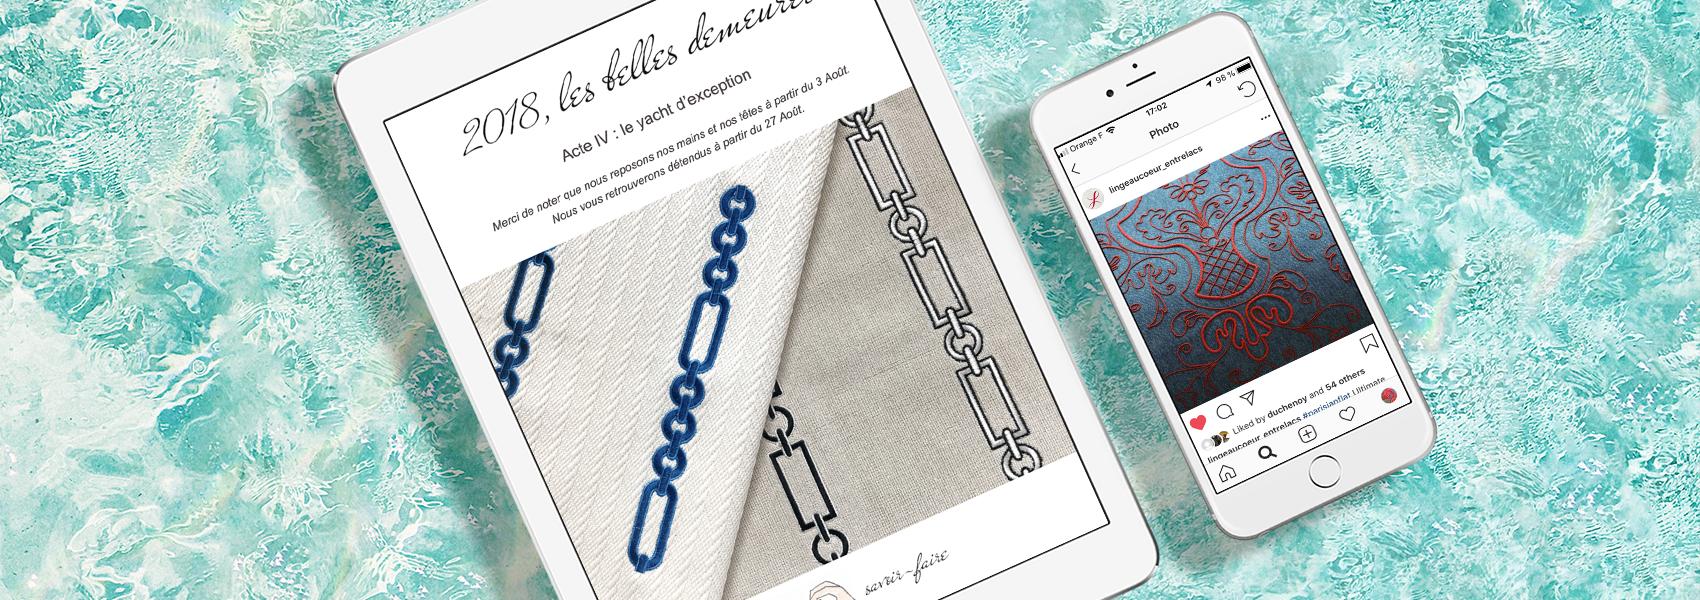 Direction artistique de la photographie, Direction artistique et communication digitale – Maison Duchénoy, Rebellis